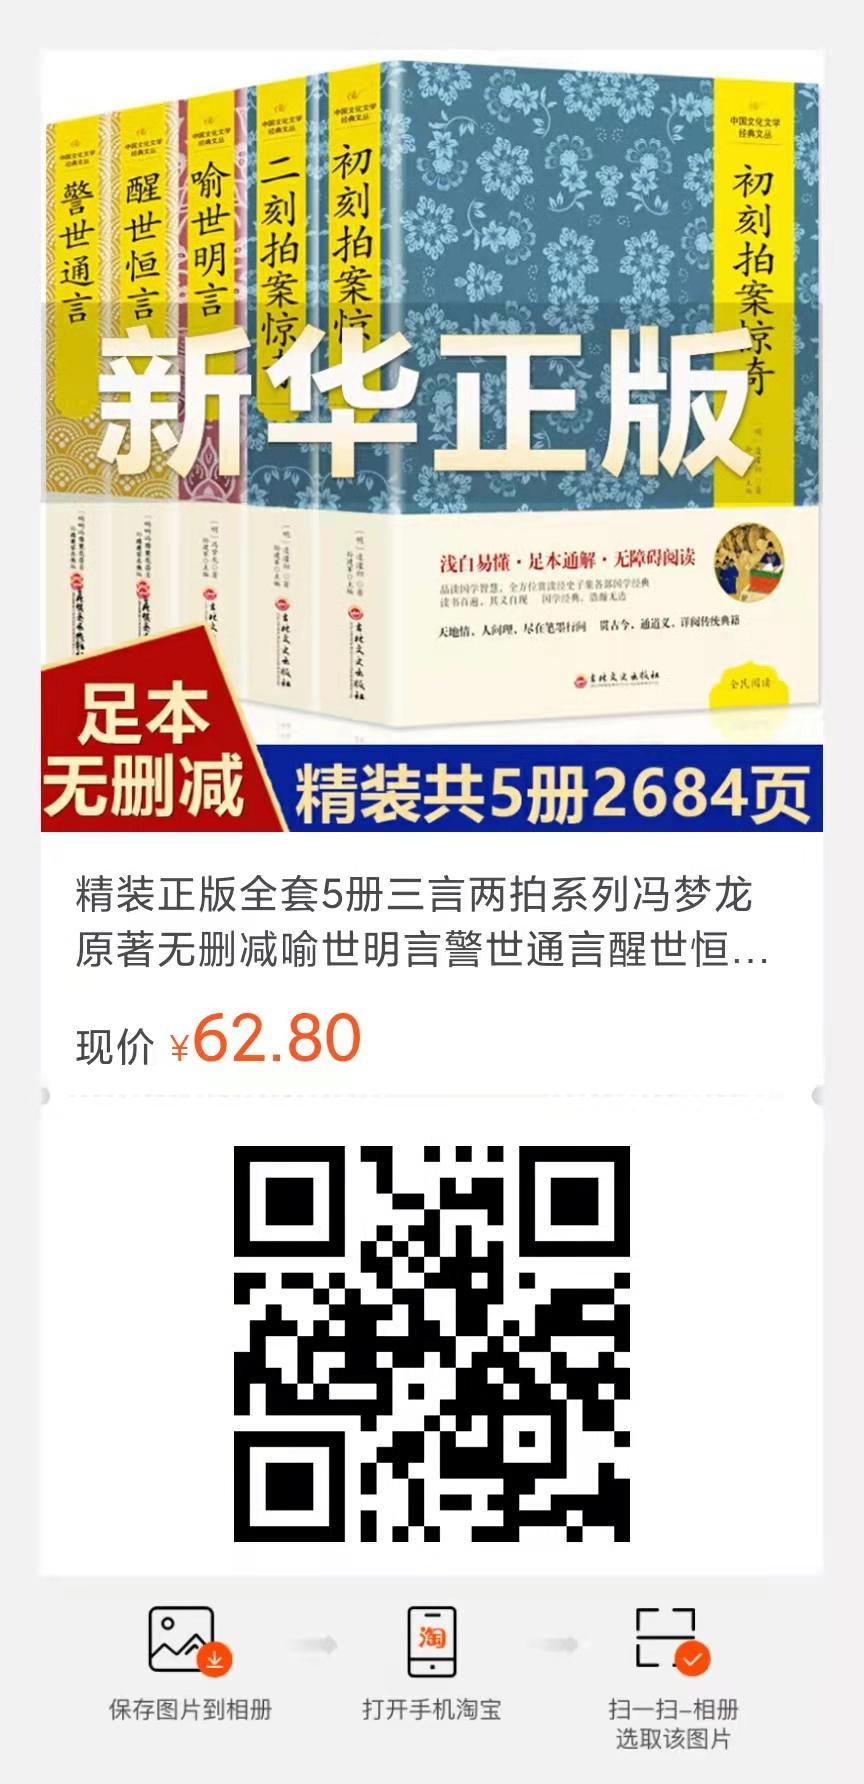 《三言二拍大全集典藏版(套装全5册)》epub/mobi/azw3格式电子书合集下载-爱淘数字资源馆